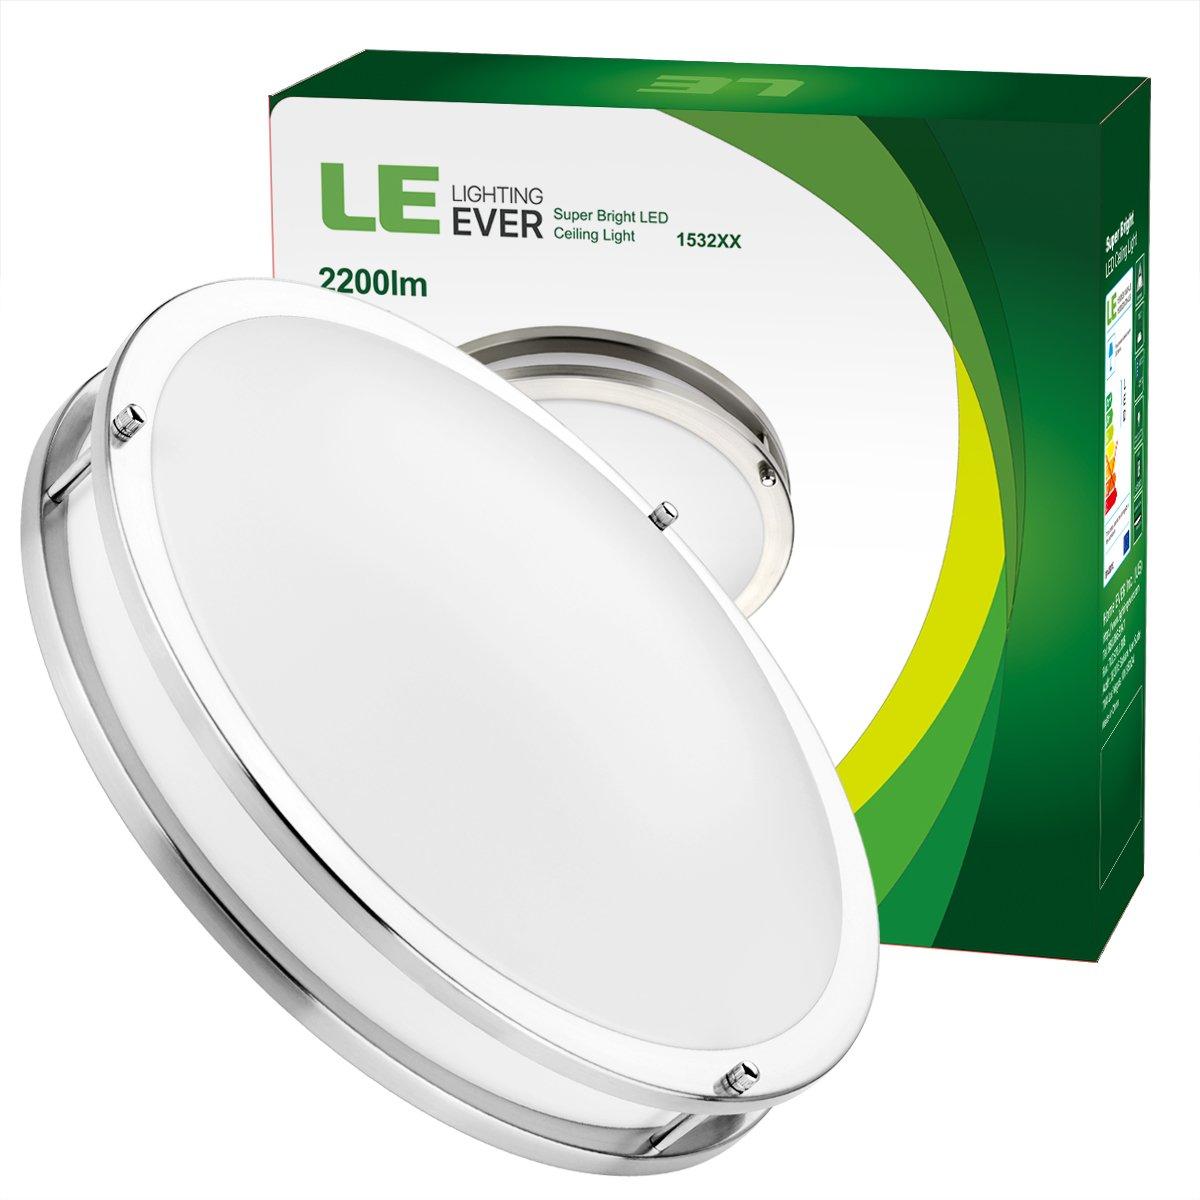 調整可能なLE 16インチ26 Wライト埋め込みLEDシーリングライト、200ワットの白熱電球、2200 lm、5000Kデイライトホワイト、120度のビーム角、LED埋め込み照明器具、UL認定